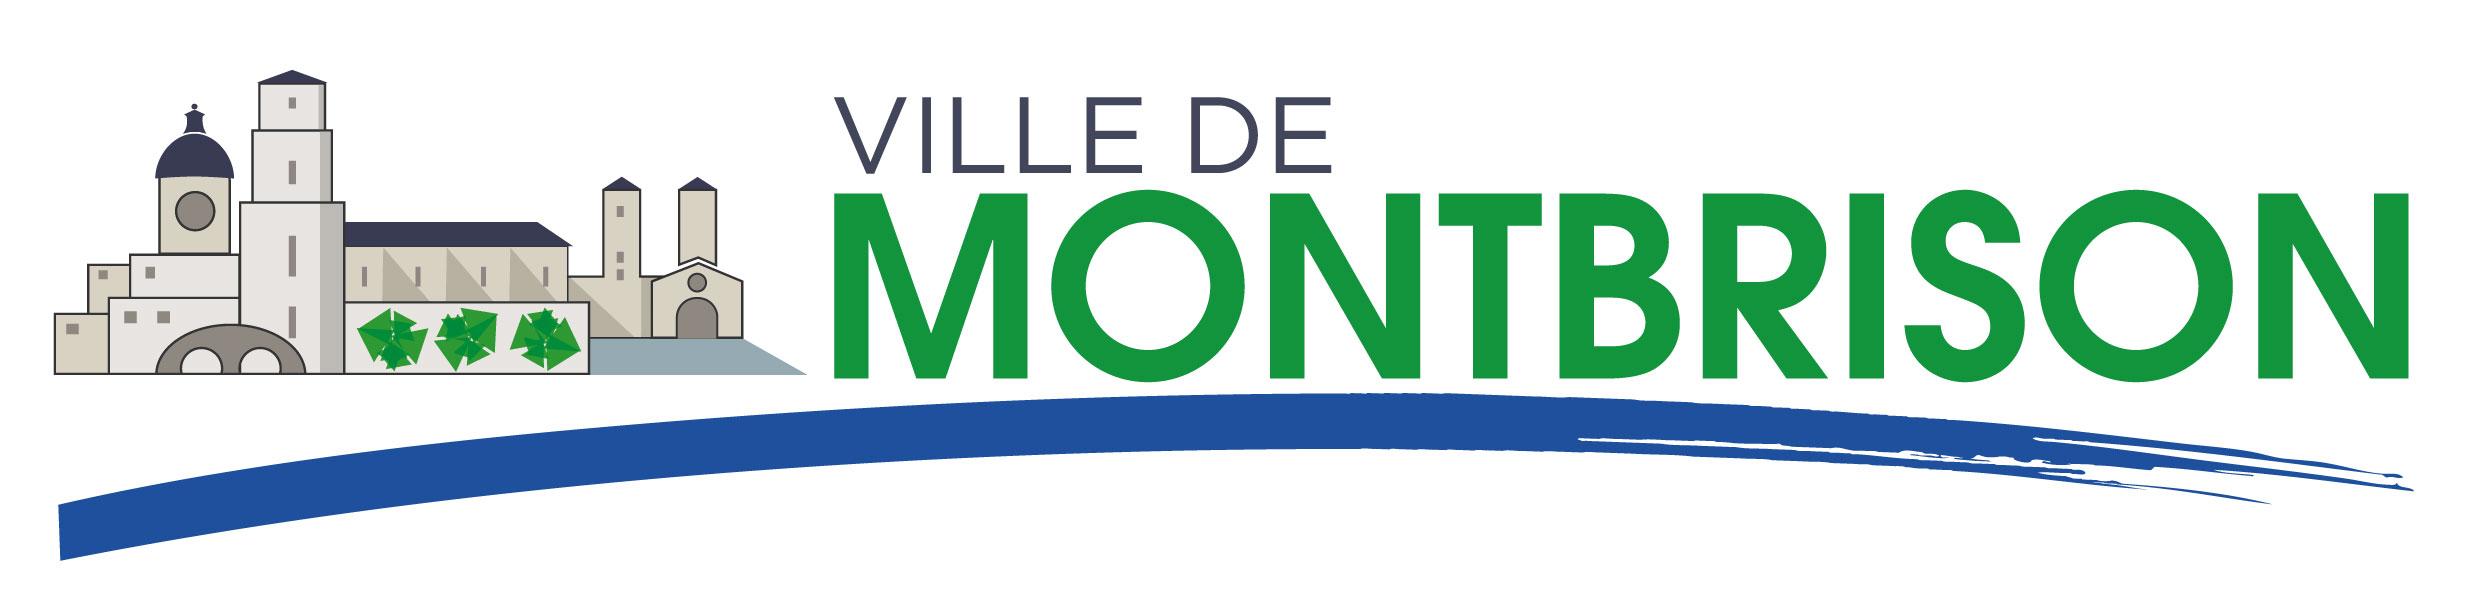 Stsm Soci T De Tir De Savigneux Montbrison